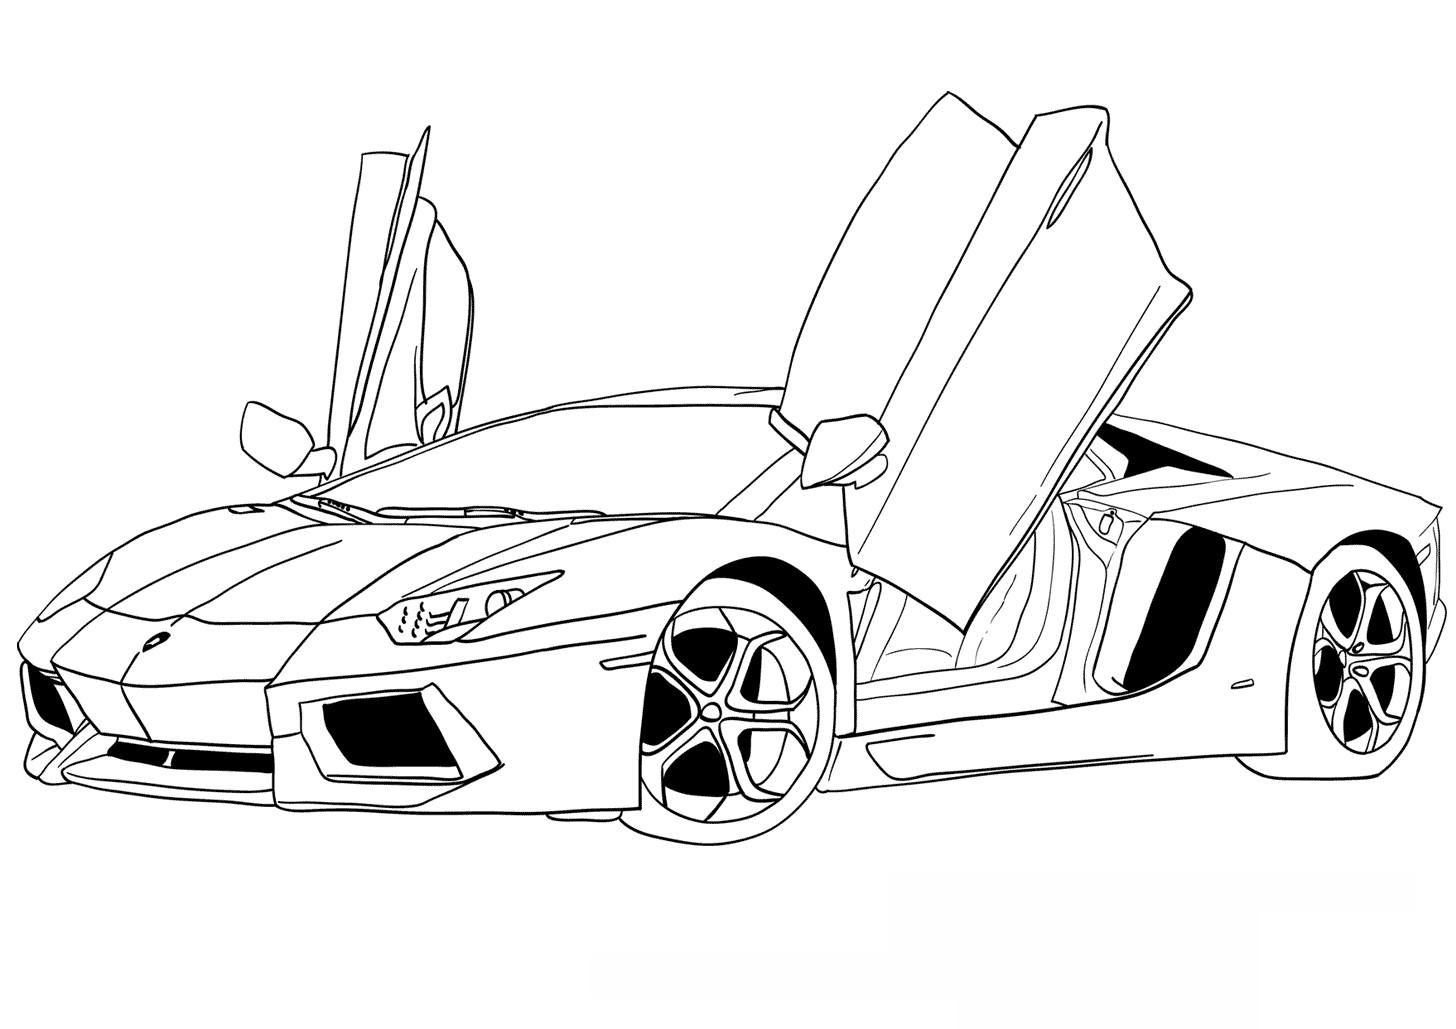 1456x1029 ausmalbilder lamborghini gallardo coloring club cars aventador